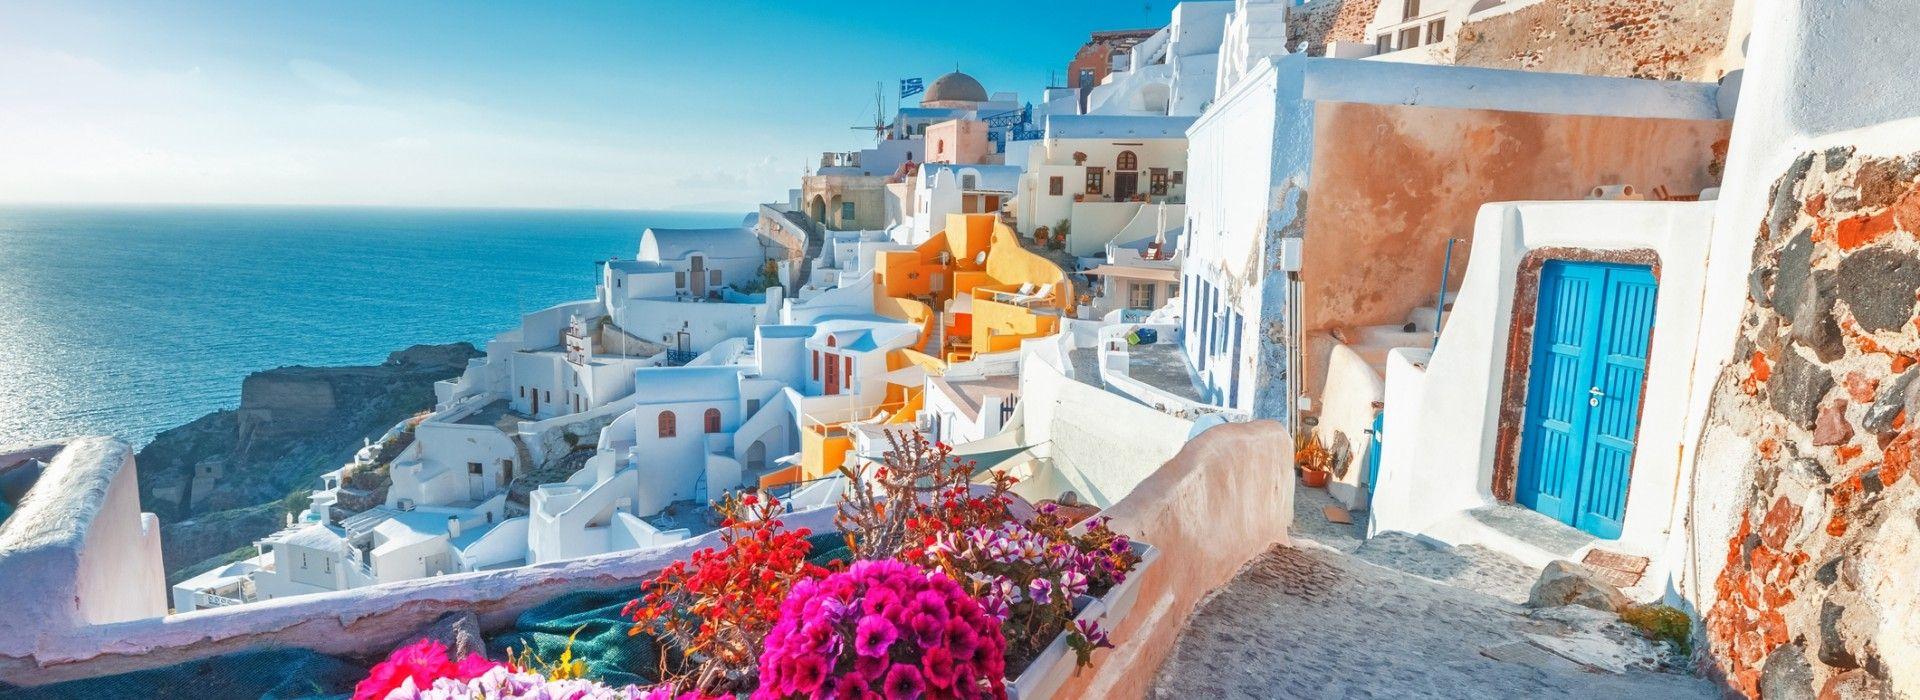 Sightseeing Tours in Mediterranean